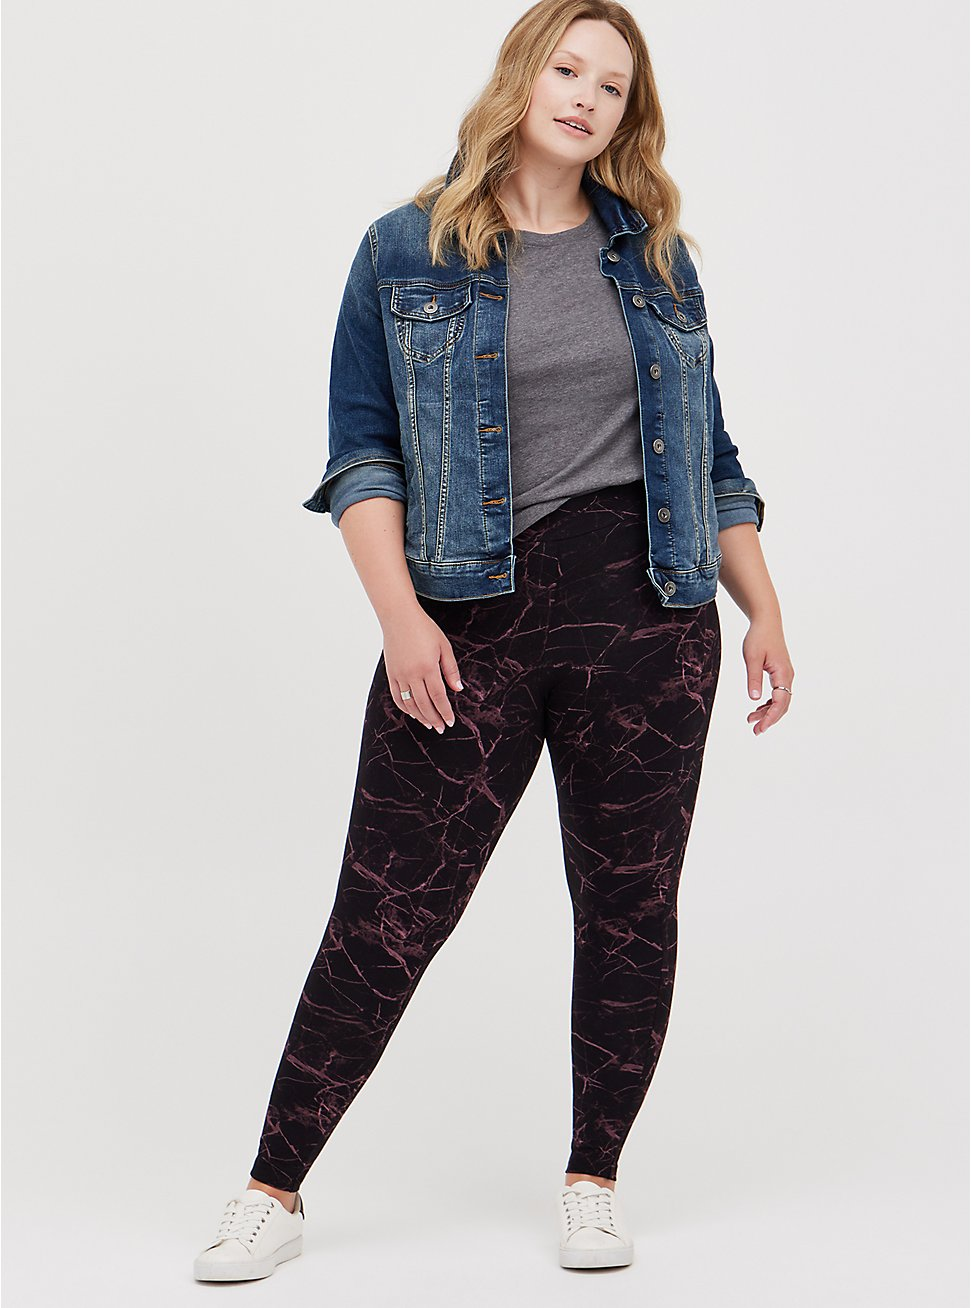 Plus Size Premium Legging - Marble Black, BLACK, hi-res